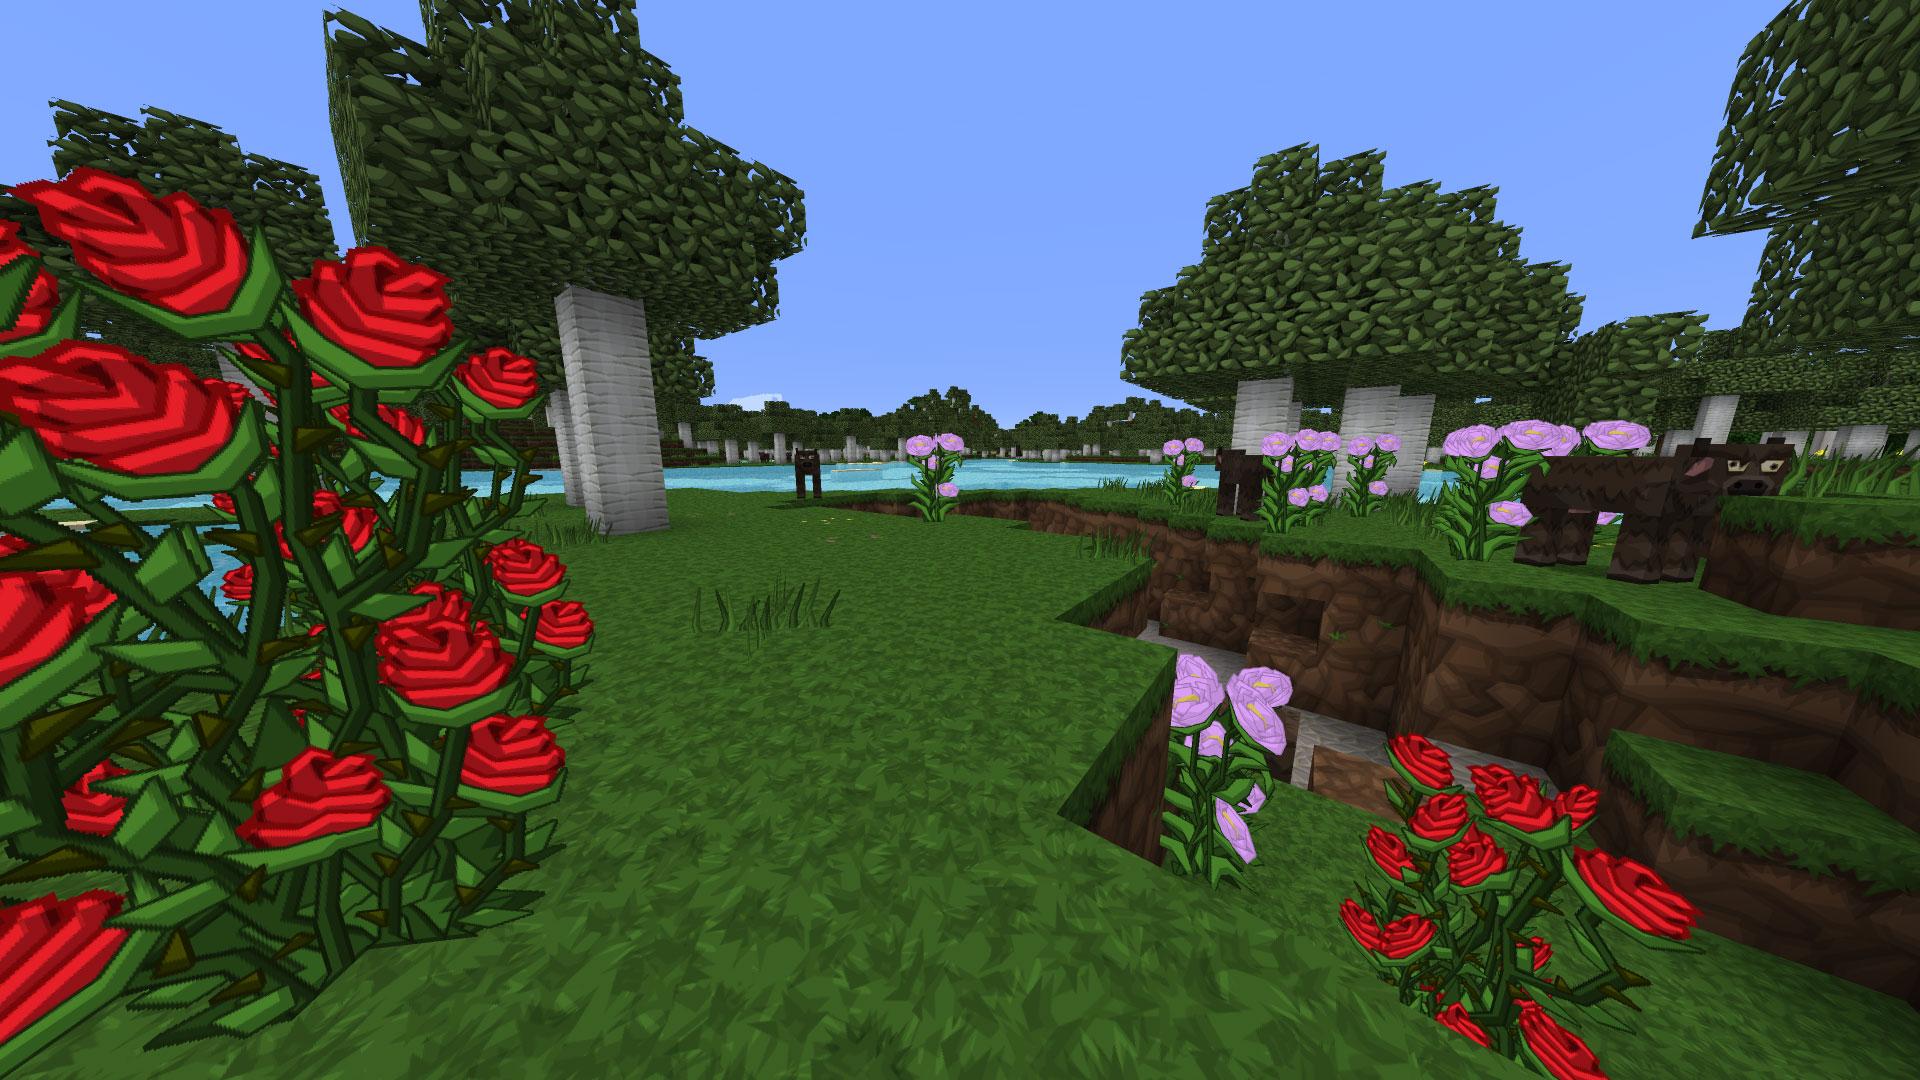 Minecraft Texture Minecraft : PureBDcraft (1.13)